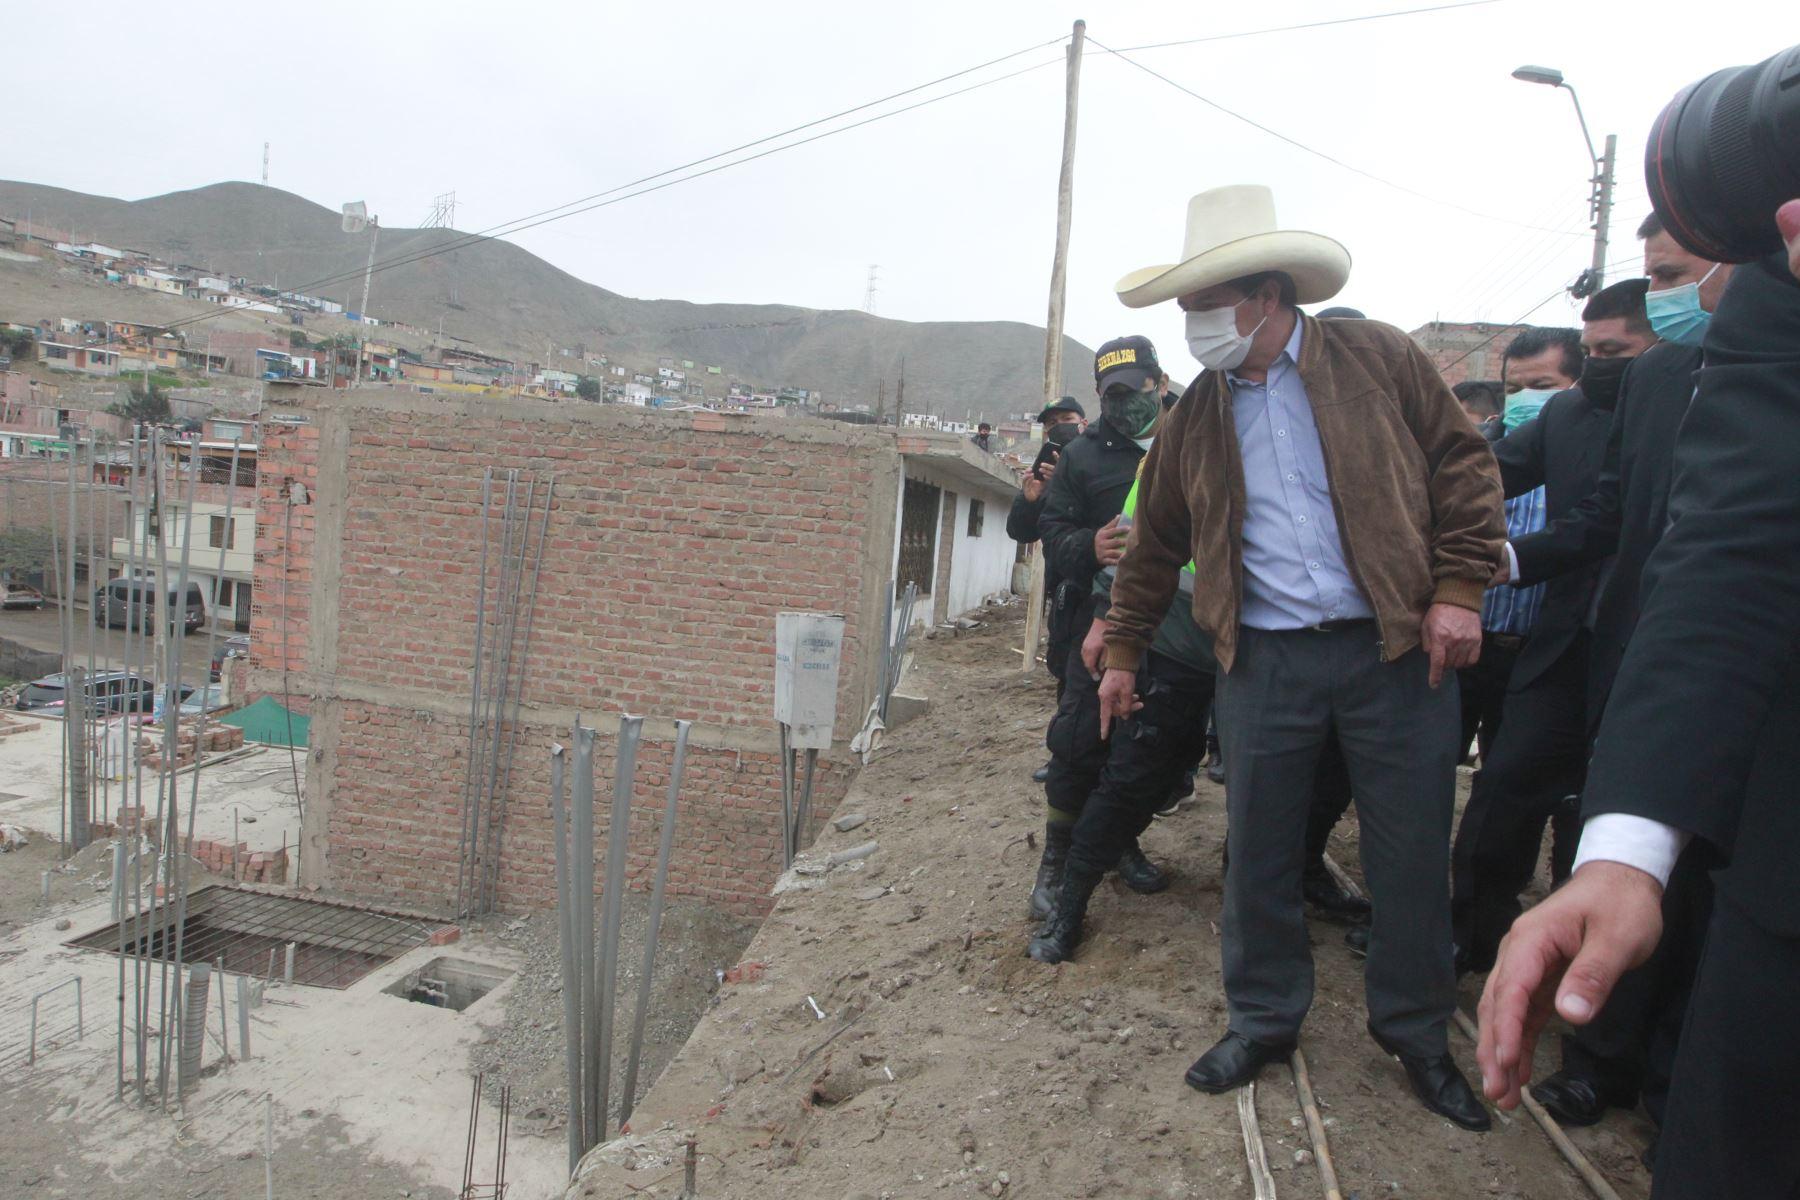 Candidato presidencial Pedro Castillo, visitó zona afectada por sismo en Mala. Foto: ANDINA/Jhony Laurente